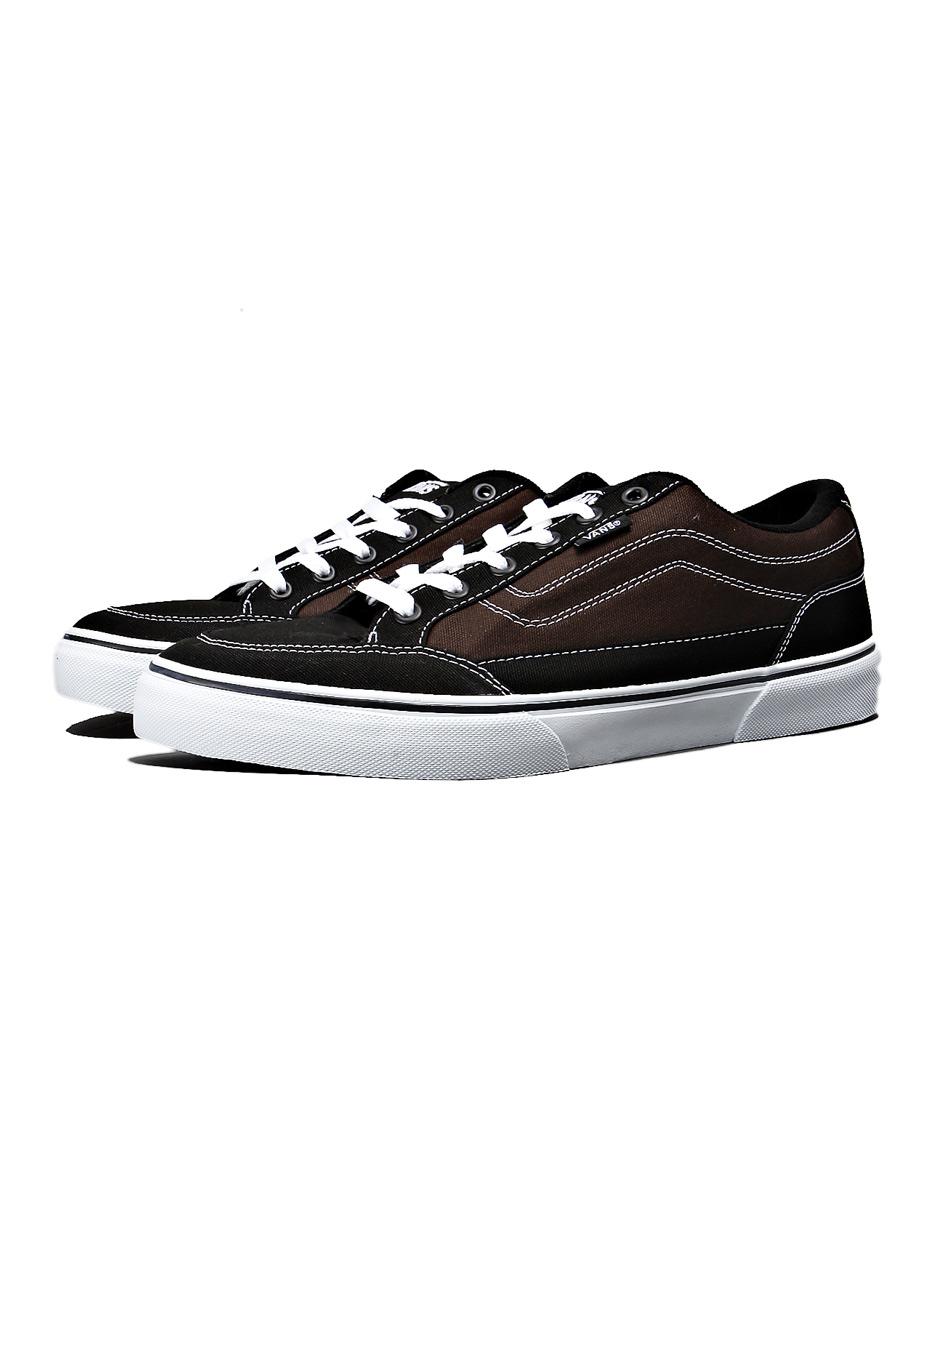 bb149e5e767 Vans - Bearcat Canvas Black Espresso - Chaussures - Impericon.com FR